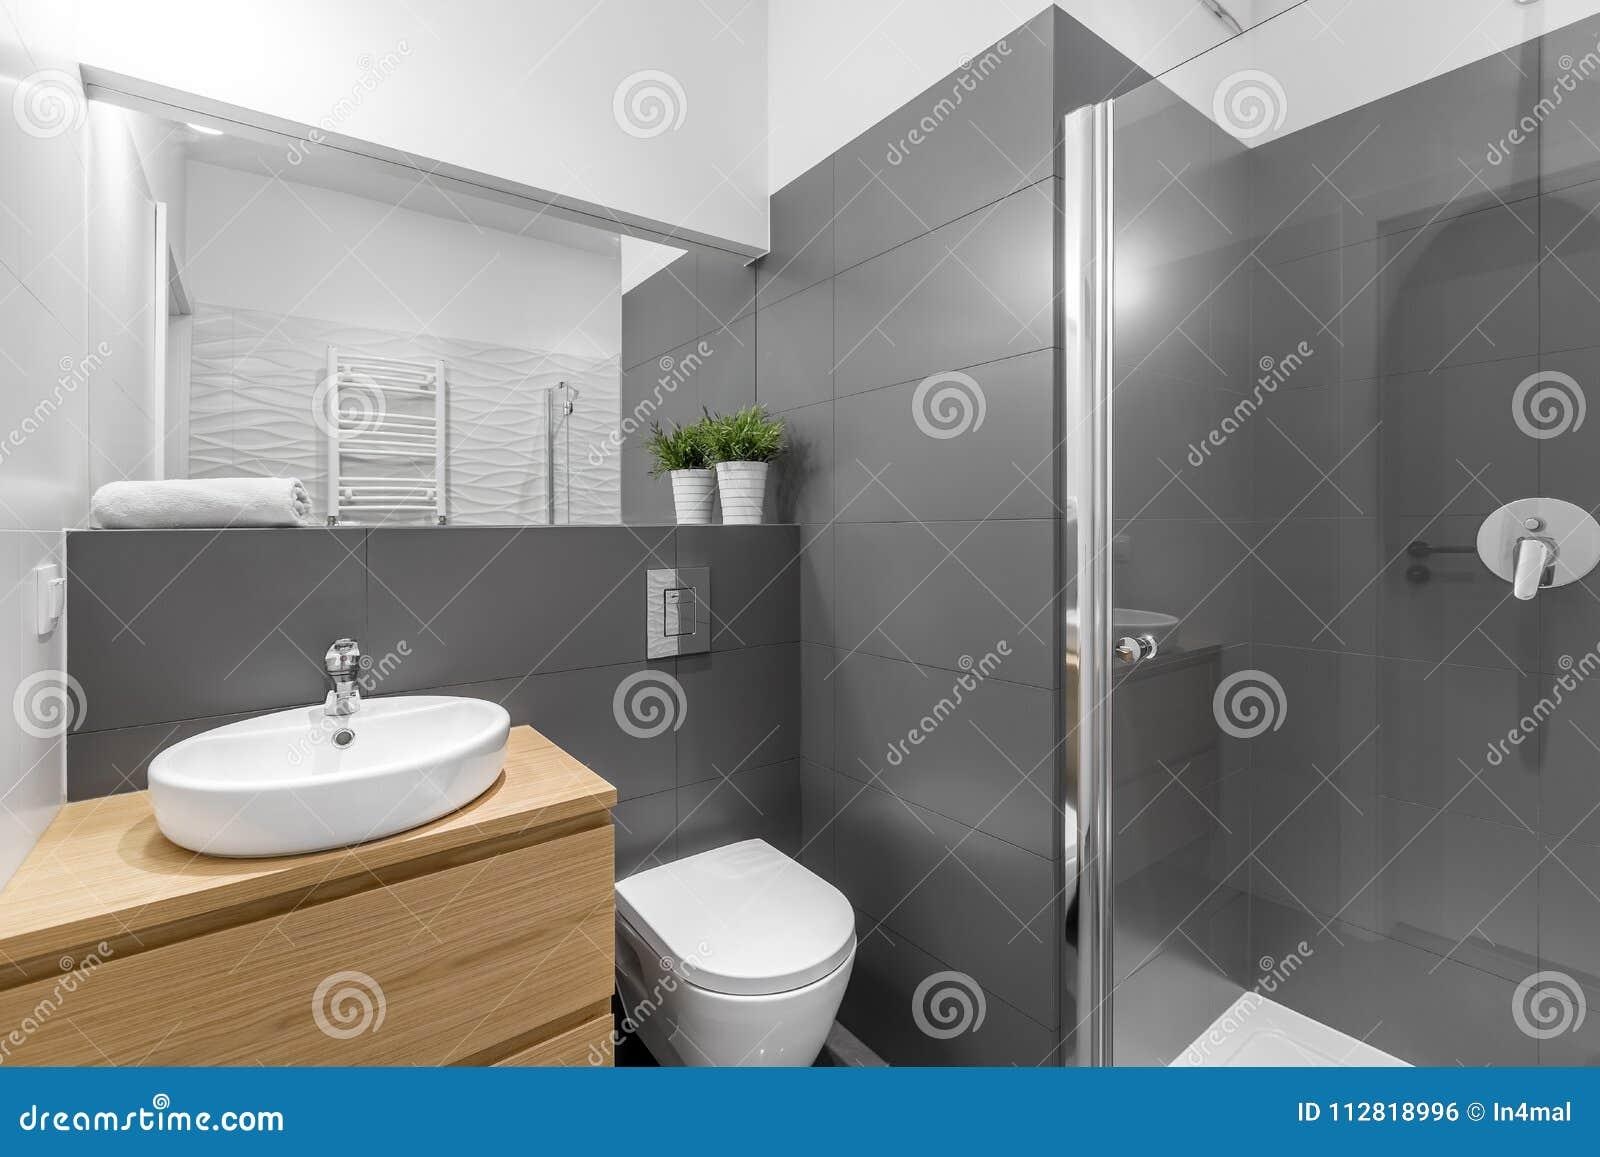 Graues Badezimmer | Modernes Graues Badezimmer Mit Dusche Stockfoto Bild Von Phantasie